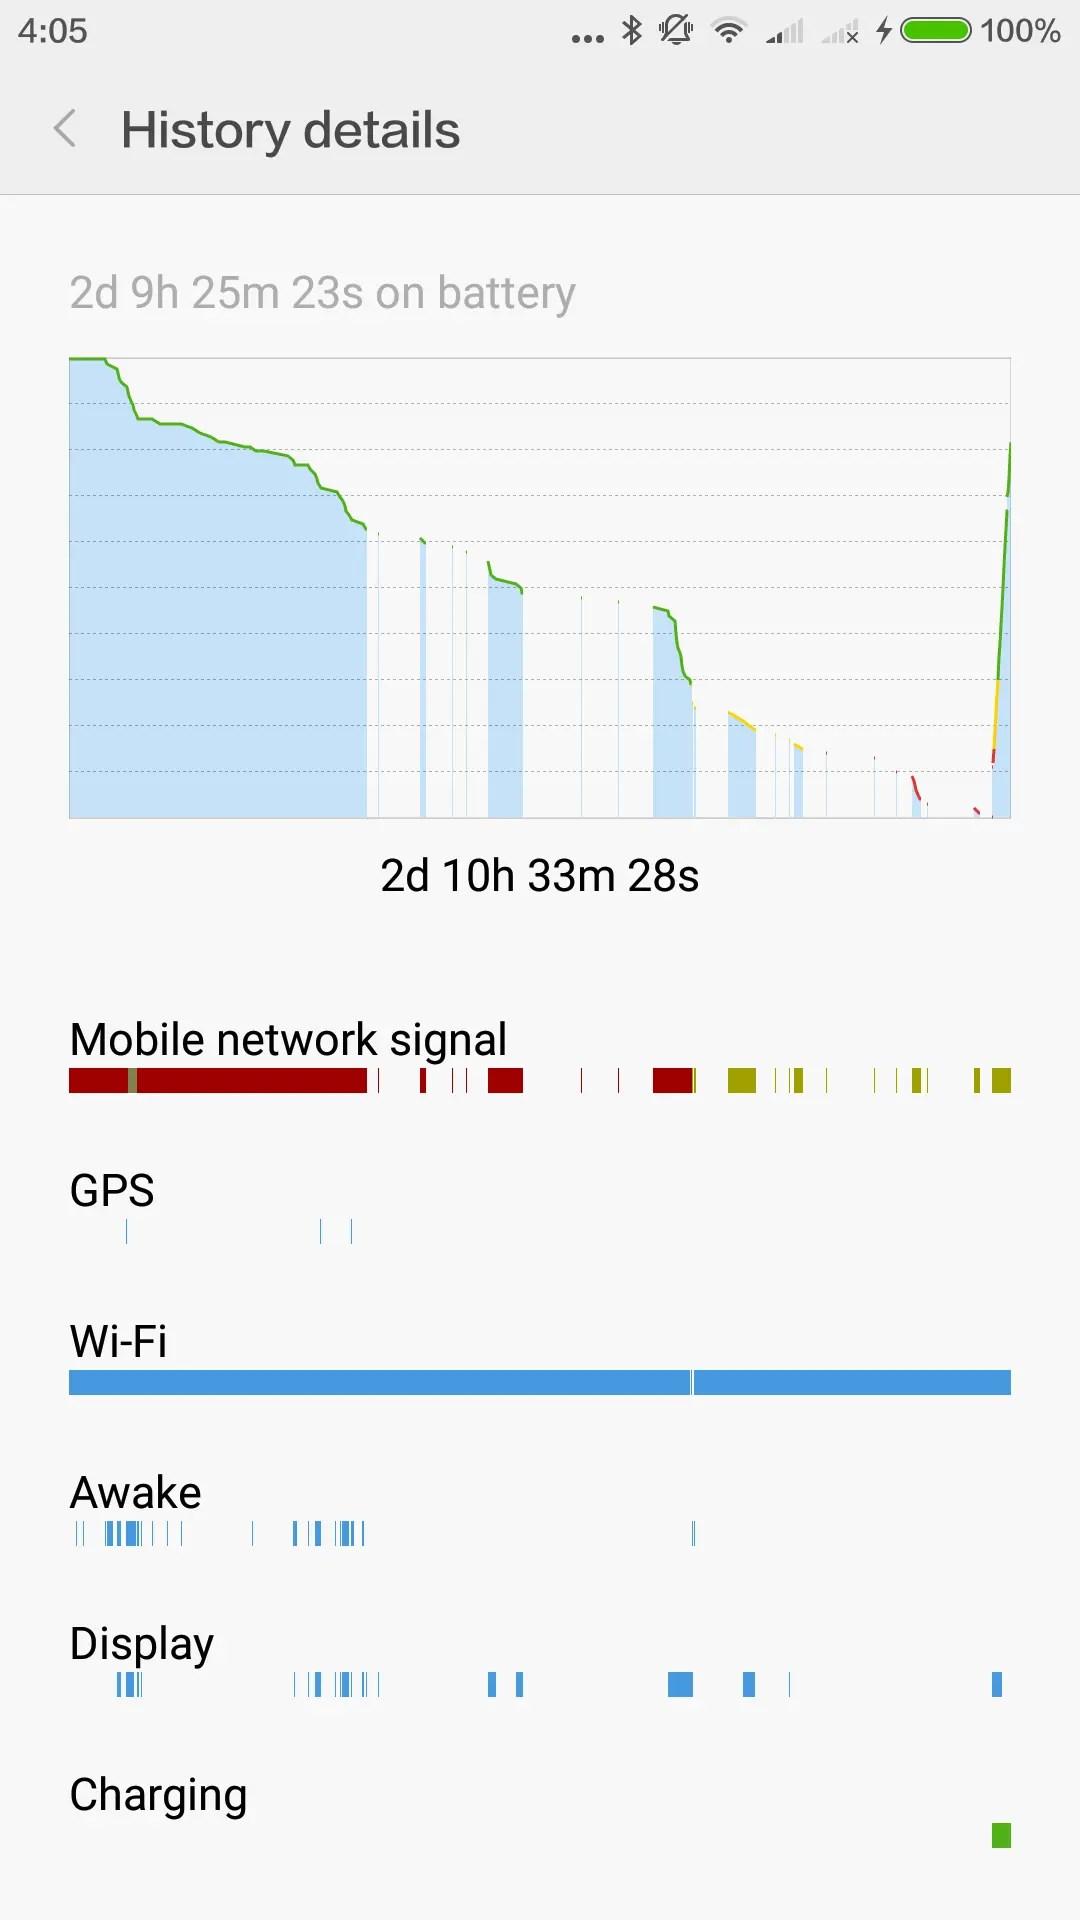 4時前には100%になっていたので2時間あれば満充電になる。